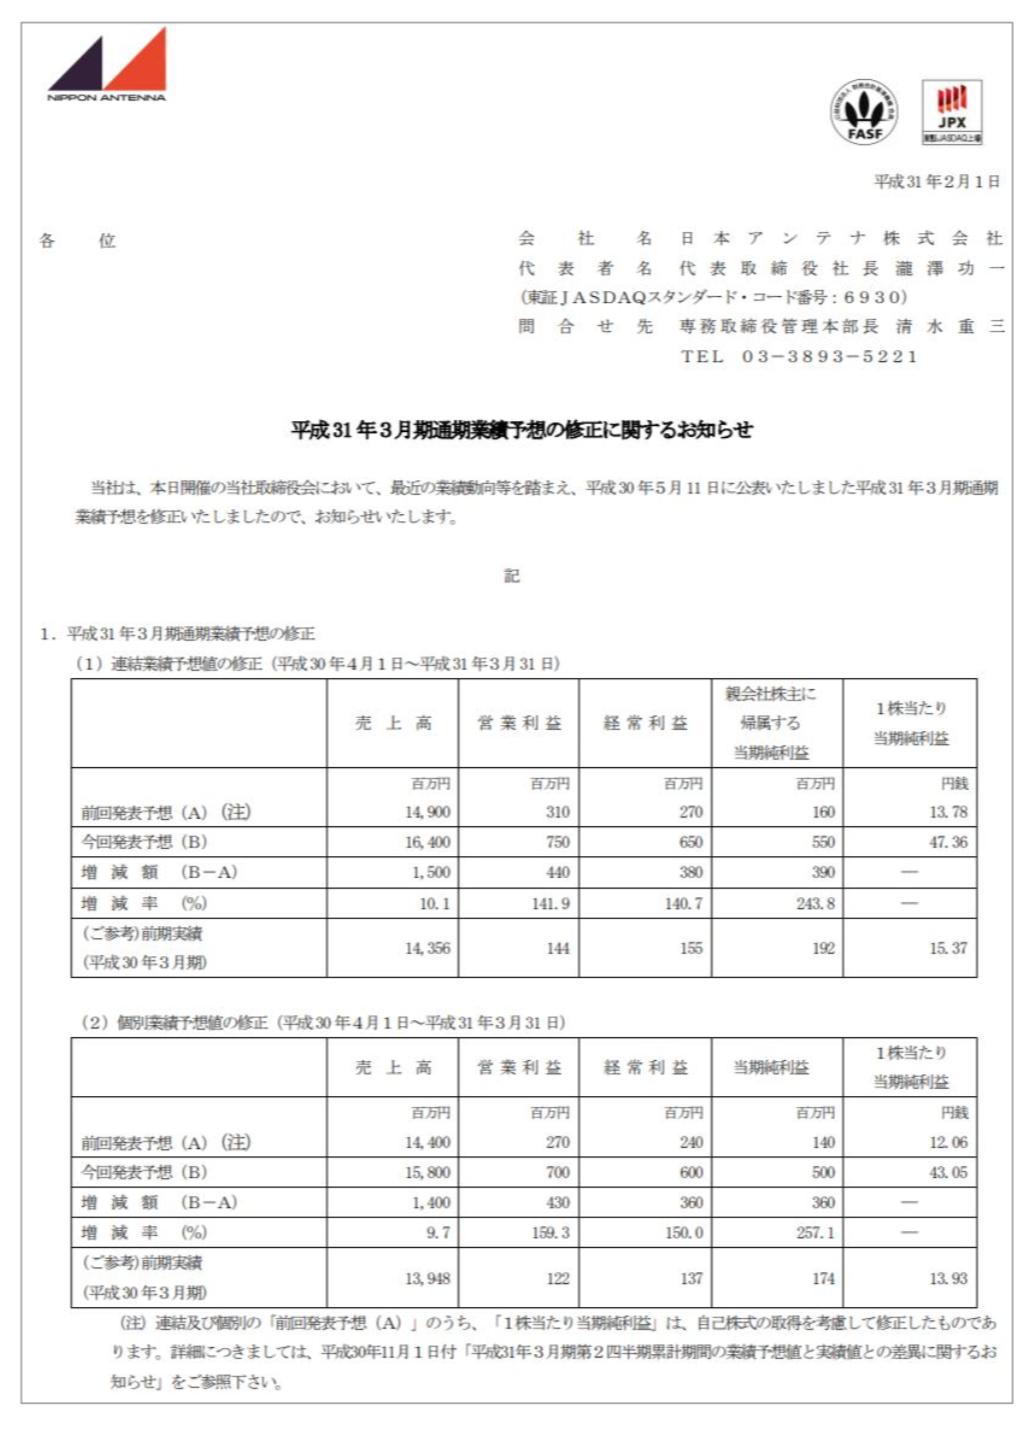 日本アンテナの上方修正